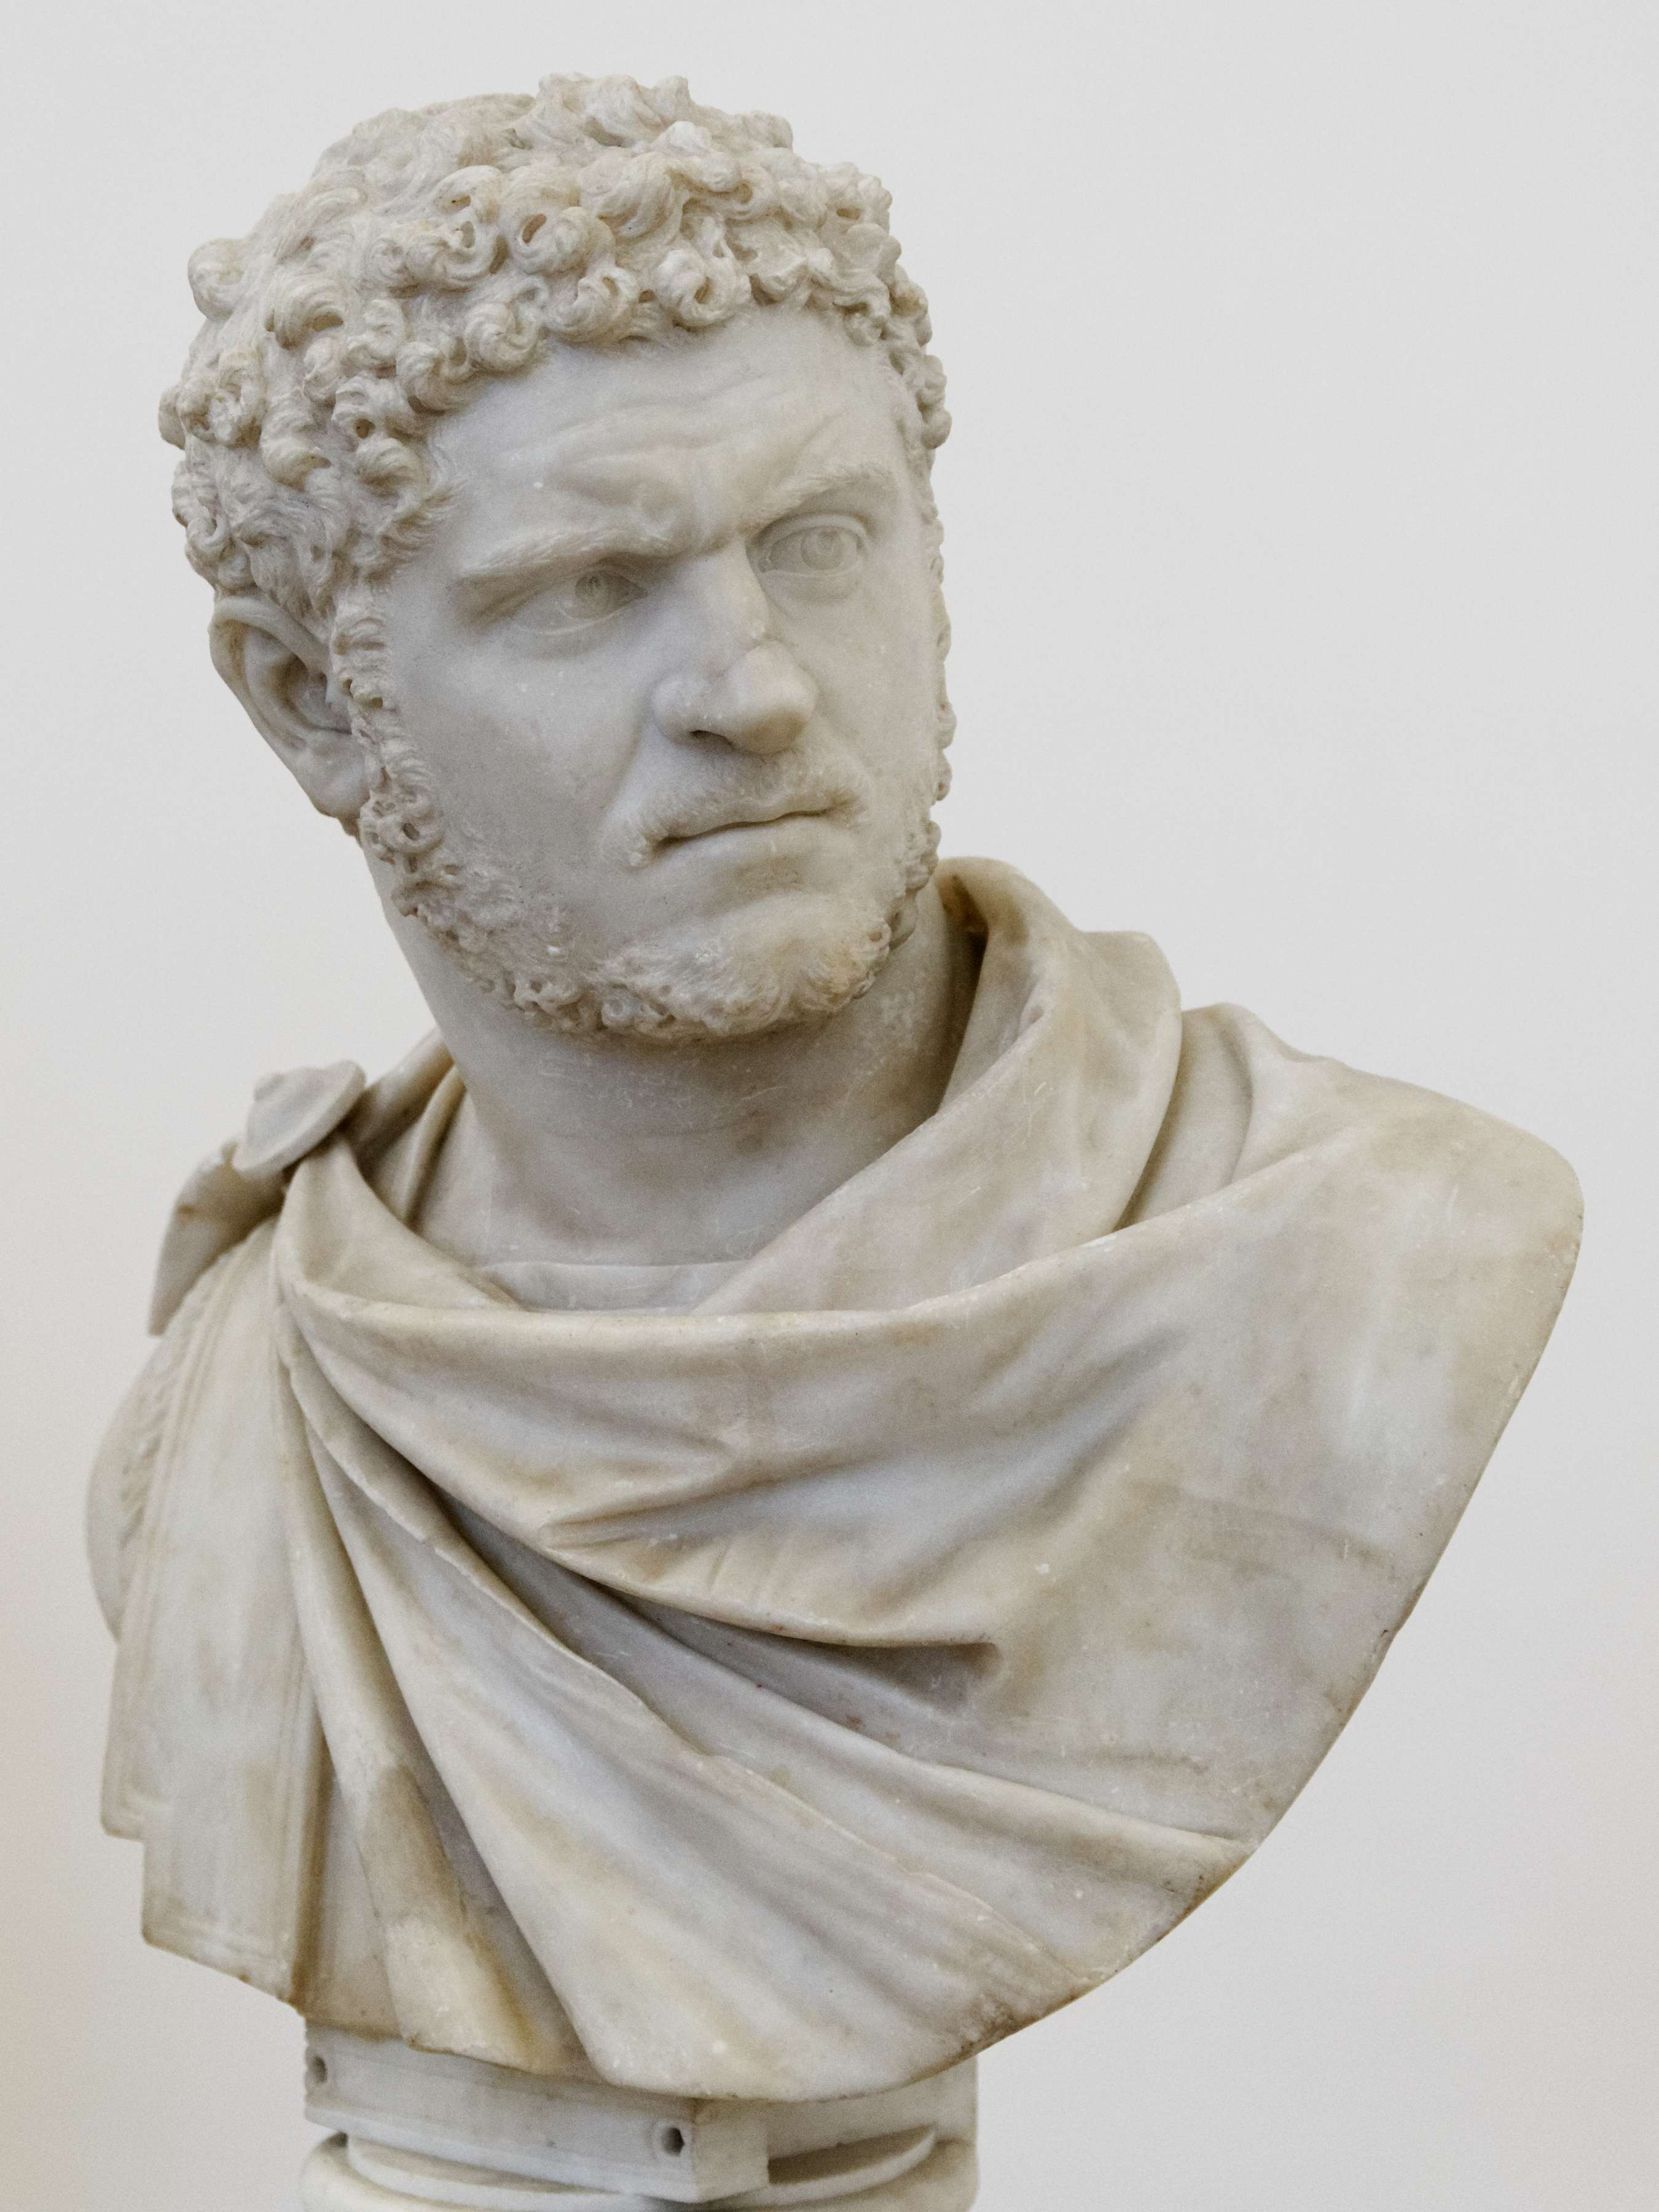 Ο Καρακάλλας (Marcus Aurelius Severus Antoninus[1], 4 Απριλίου 188 - 8 Απριλίου 217) ήταν Ρωμαίος αυτοκράτορας από το 198 έως το 217